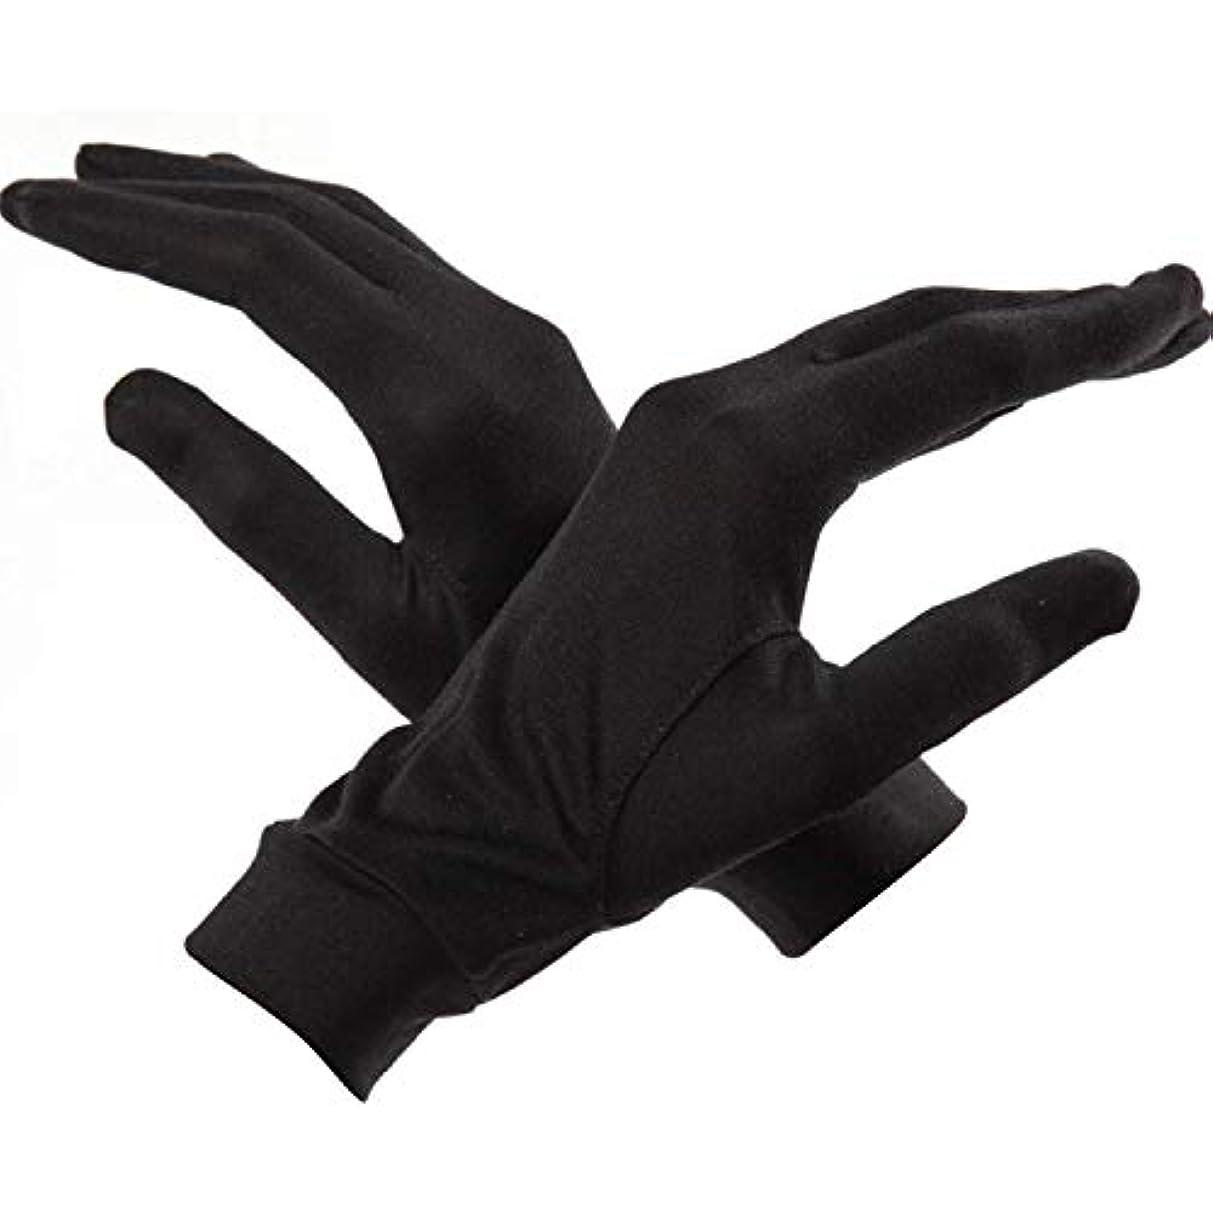 保証陸軍閉じ込める7双組手袋 保湿ケア UVカット ハンドケア シルク シルク手袋